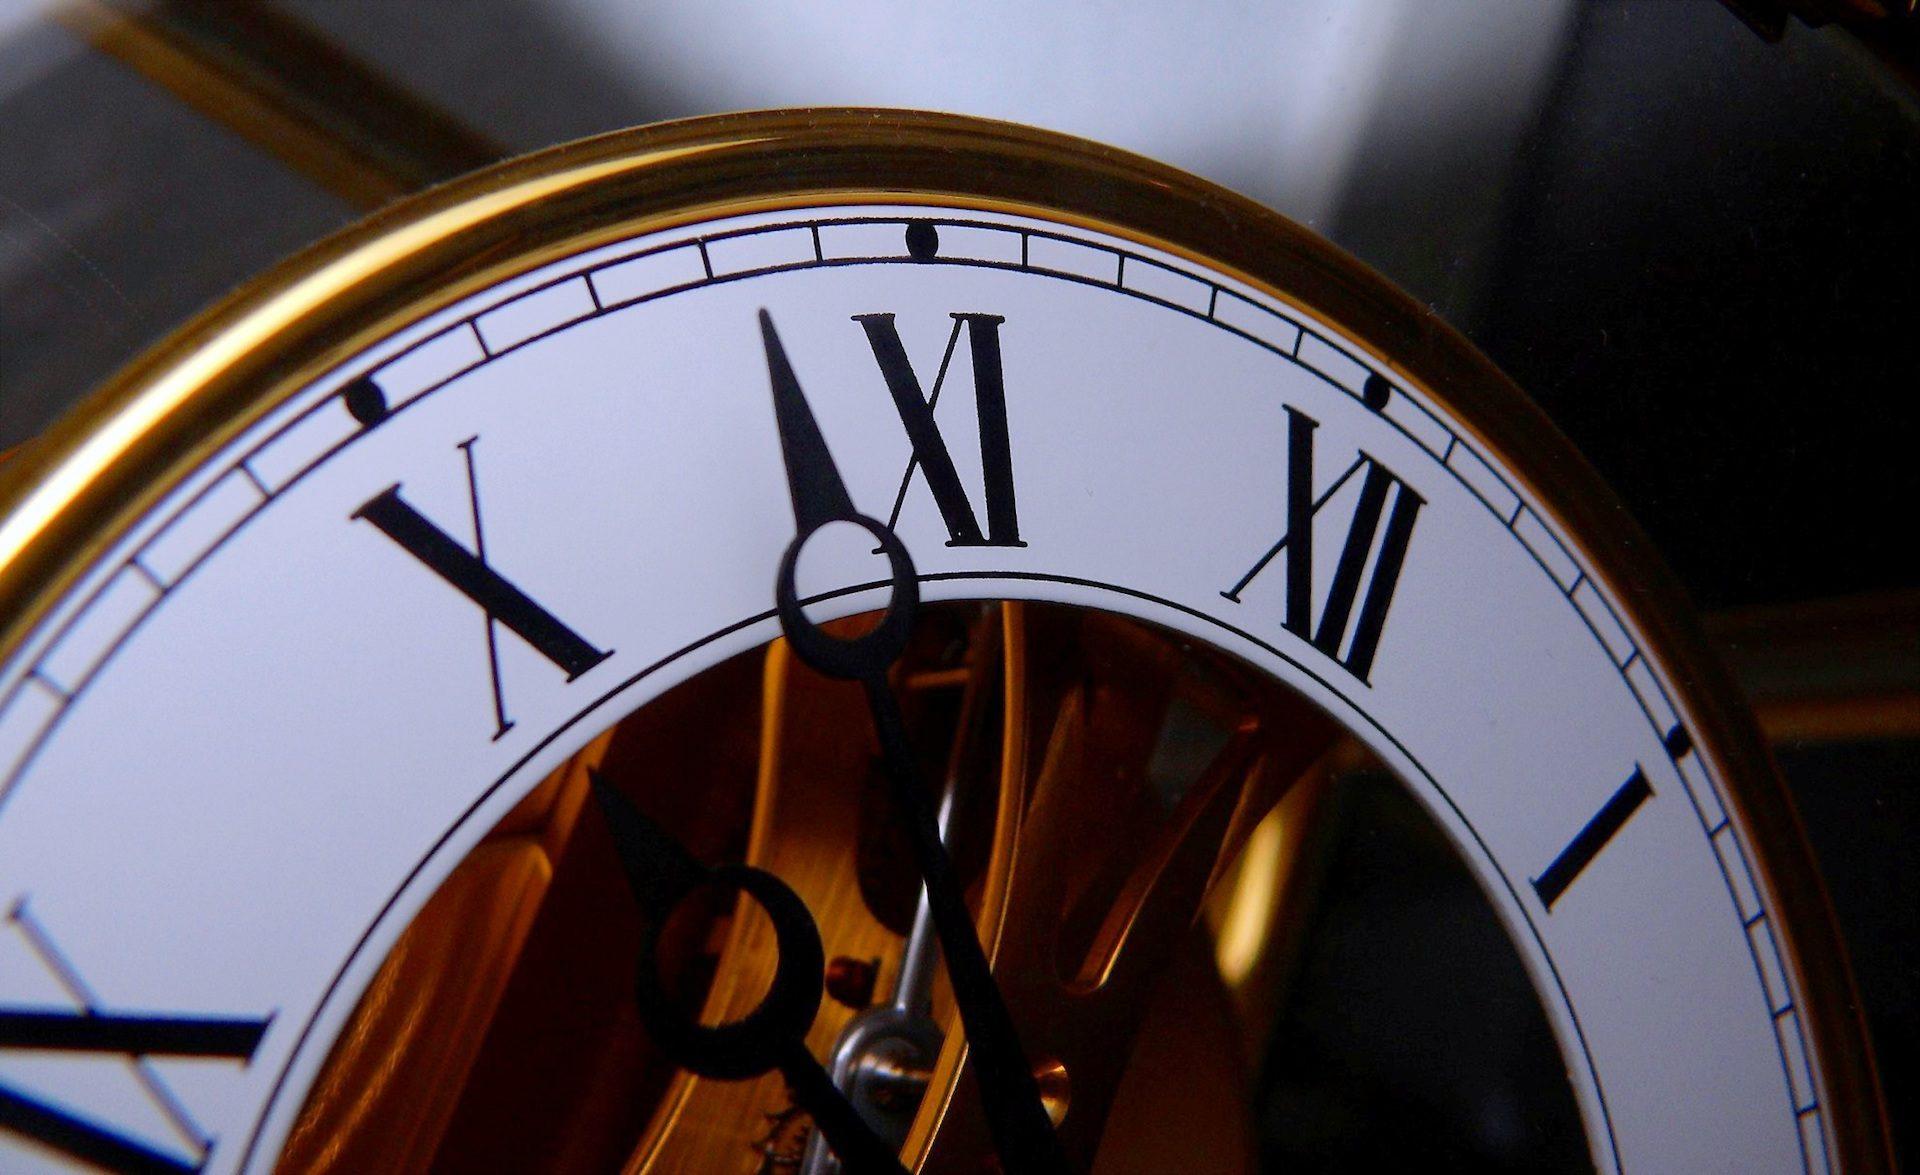 時計, tiempo, 手, hora, �時間� - HD の壁紙 - 教授-falken.com